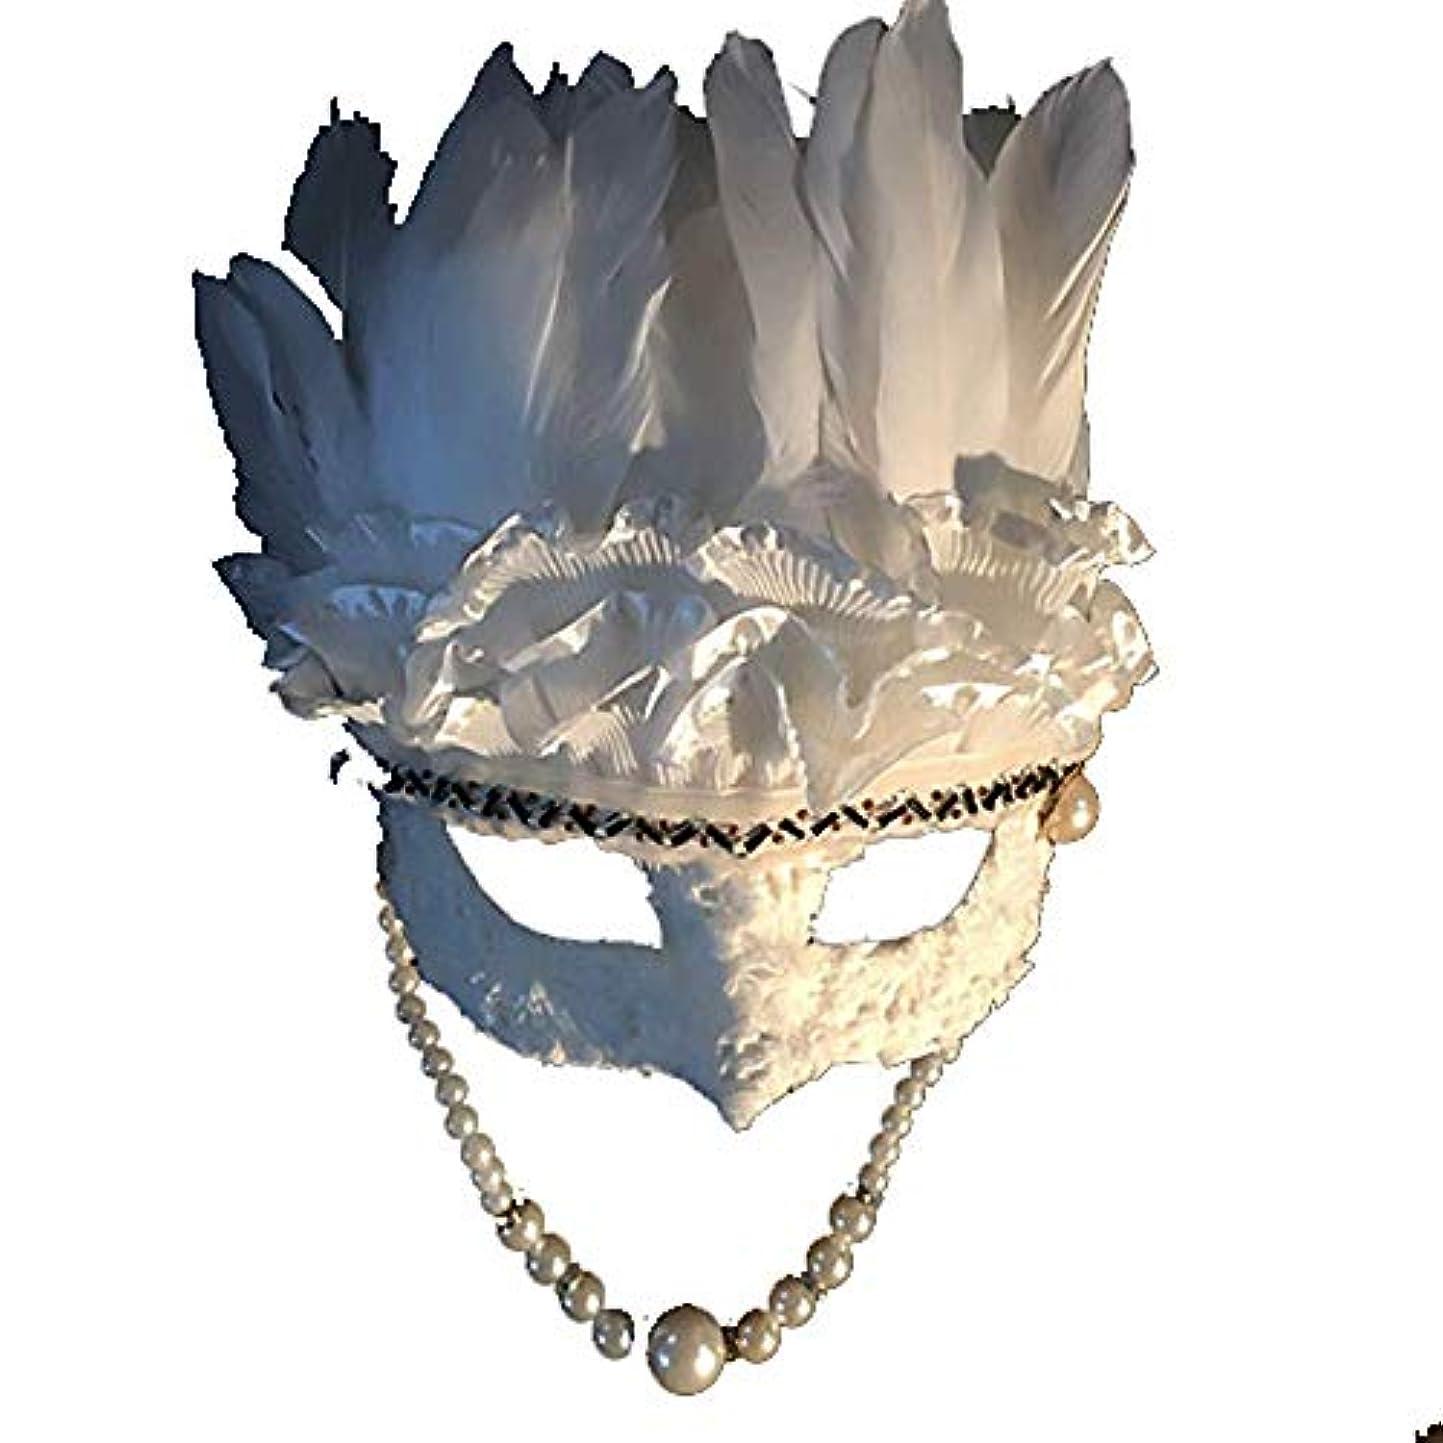 威する前置詞アシスタントNanle ハロウィンクリスマスフェザースパンコール刺繍ビーズマスク仮装マスクレディミスプリンセス美容祭パーティーデコレーションマスク